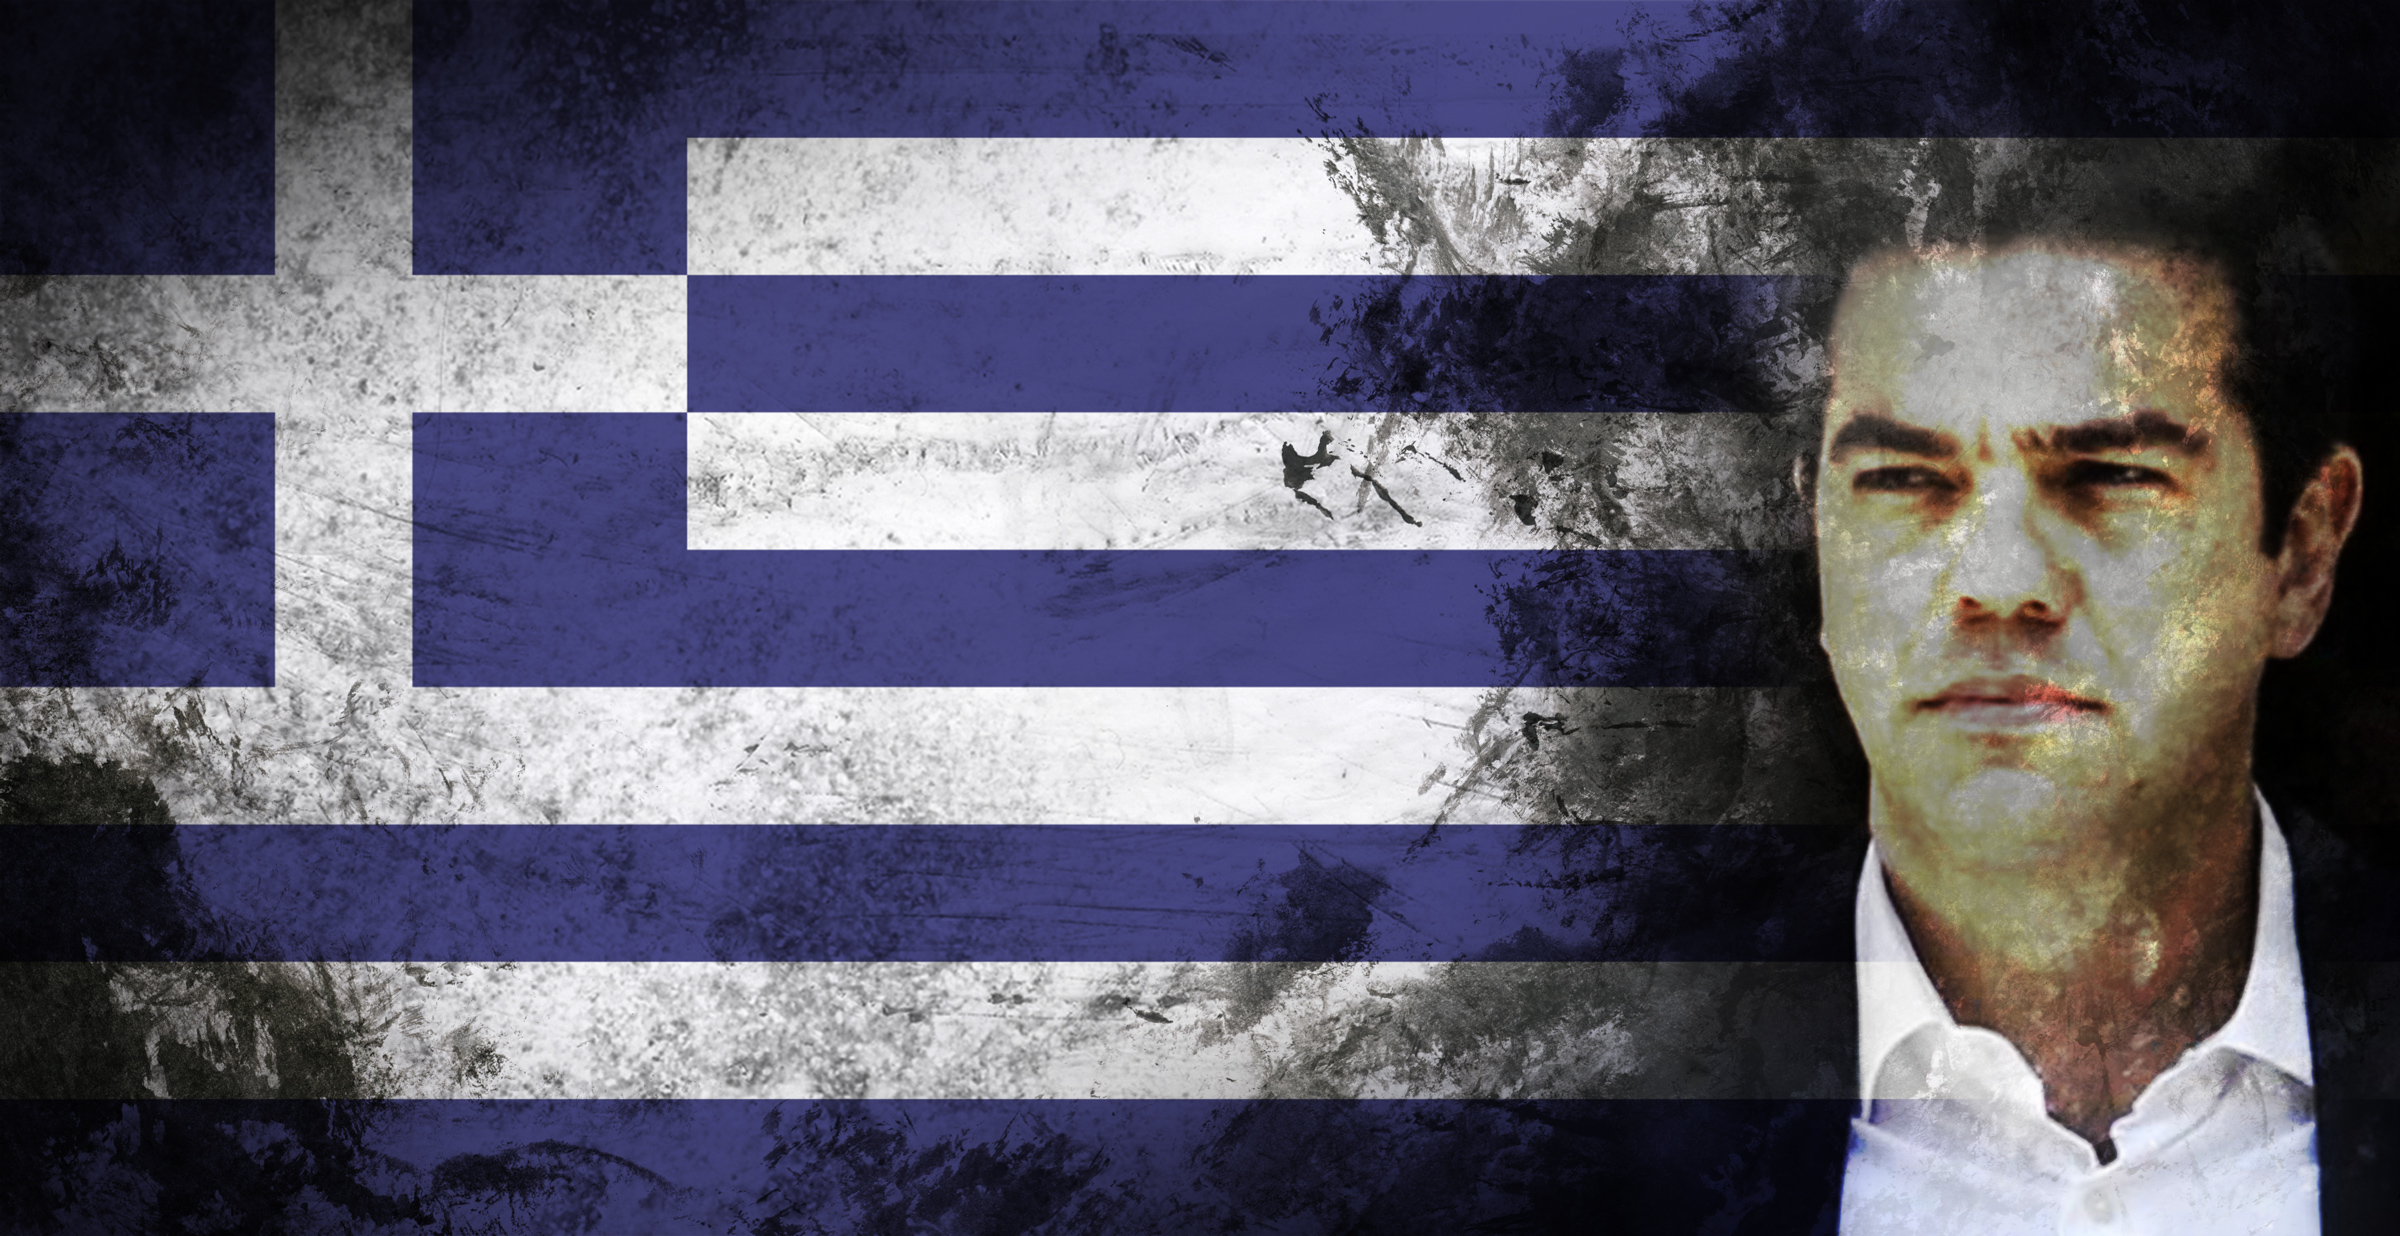 Griechenland war erst der Anfang <br>  <span id='sec-title'>Wie Europas Eliten den Kontinent zugrunde richten. </span>